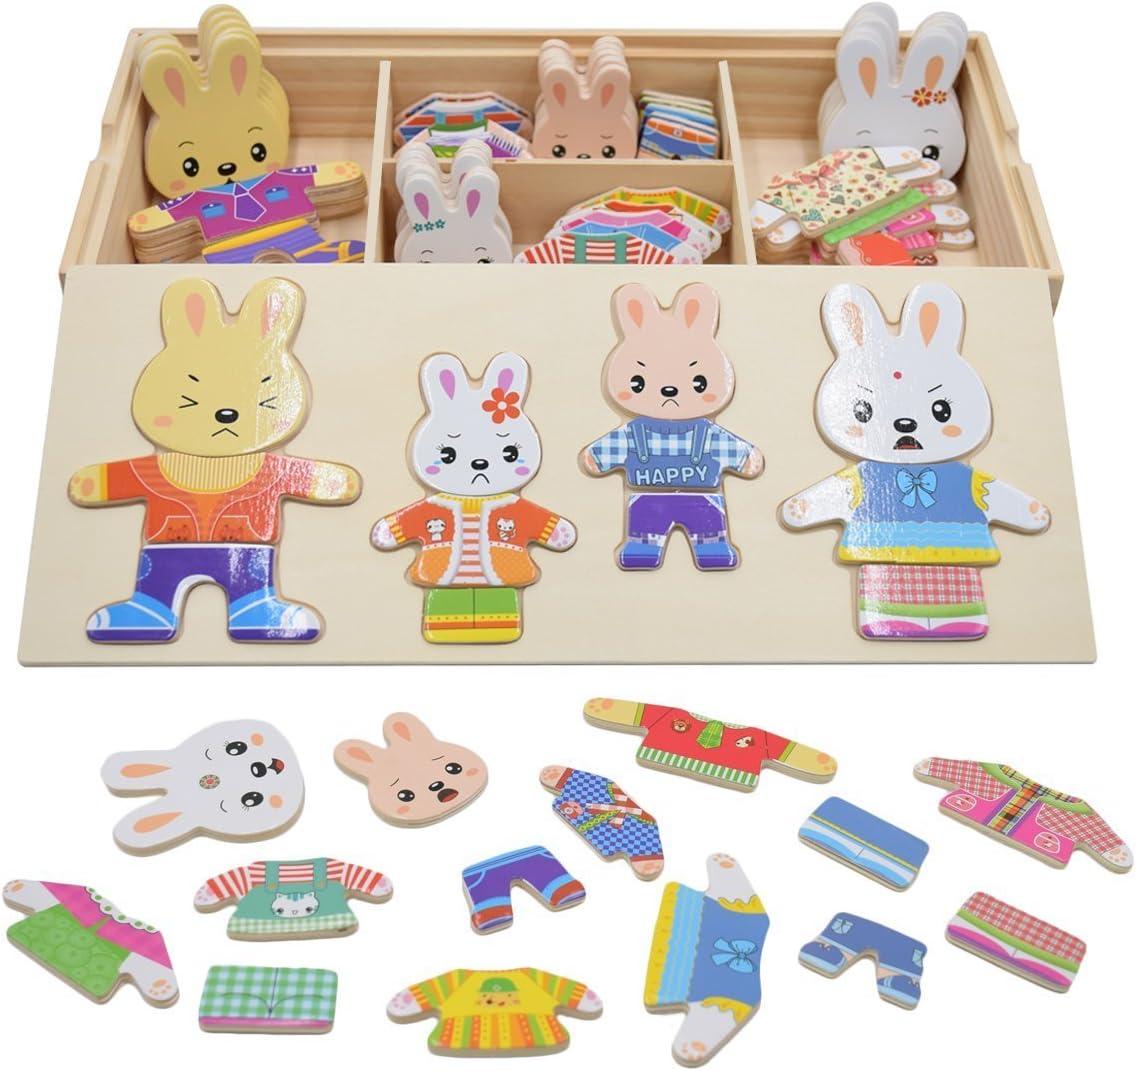 PAMRAY Rompecabezas de Vestir Juguetes Puzzles Osos Conejos Cambiar la Ropa DIY para Madera Juego para Niñas Niños Bebés de Dress up Toy de 3 Años y Más 72 Piezas Conejo